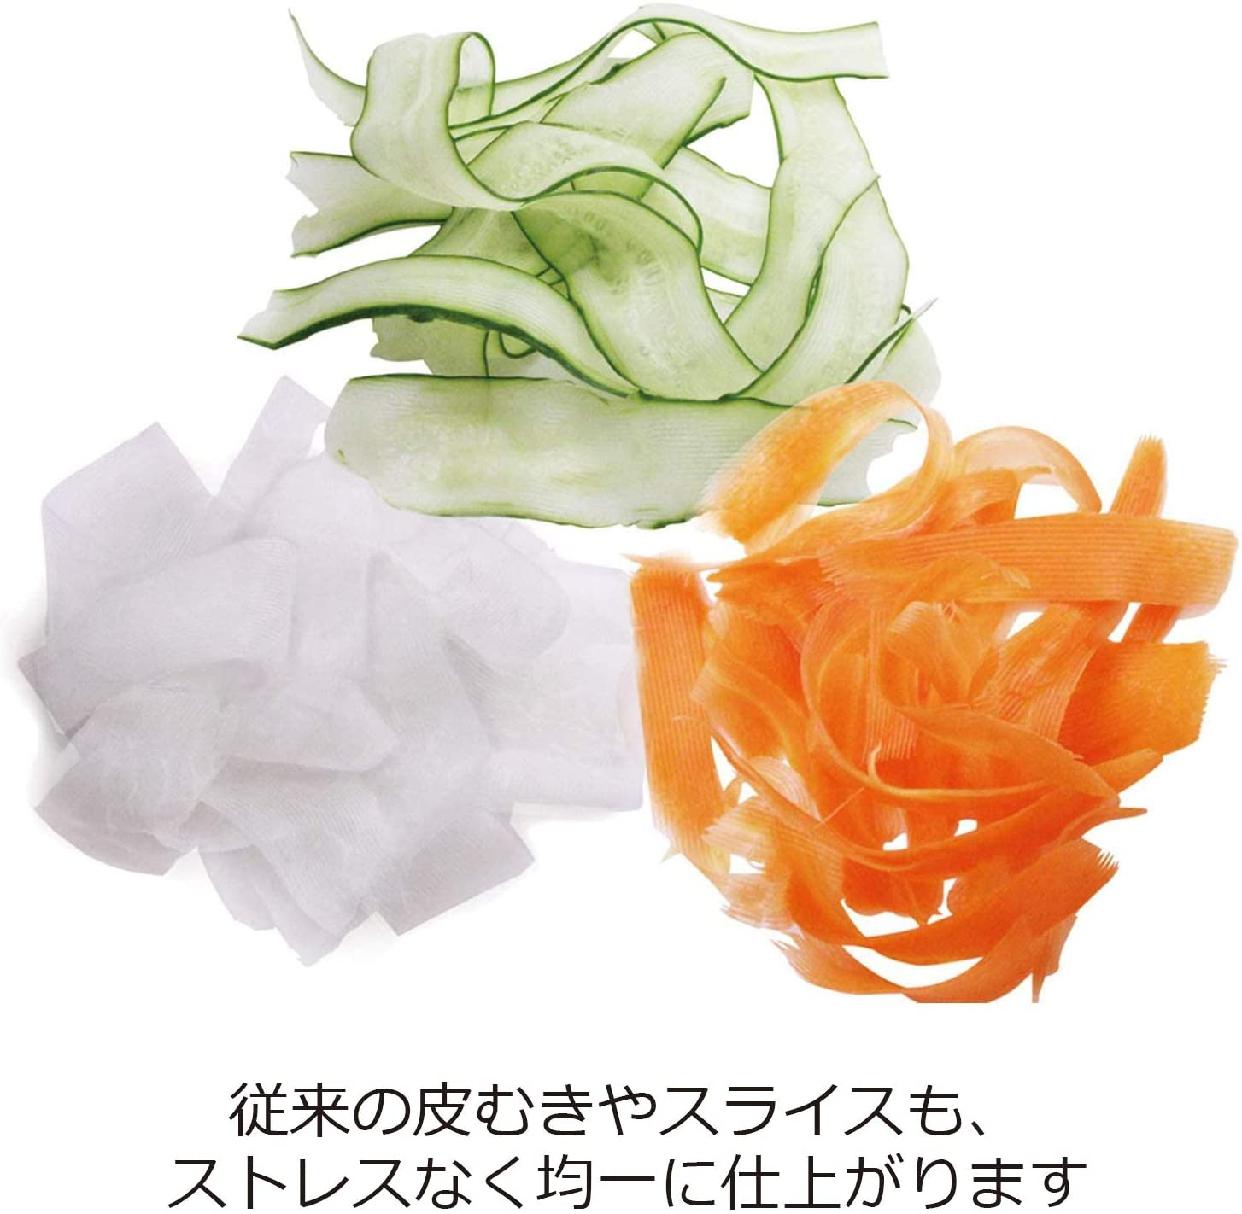 ののじ キャベツピーラーライトの商品画像4